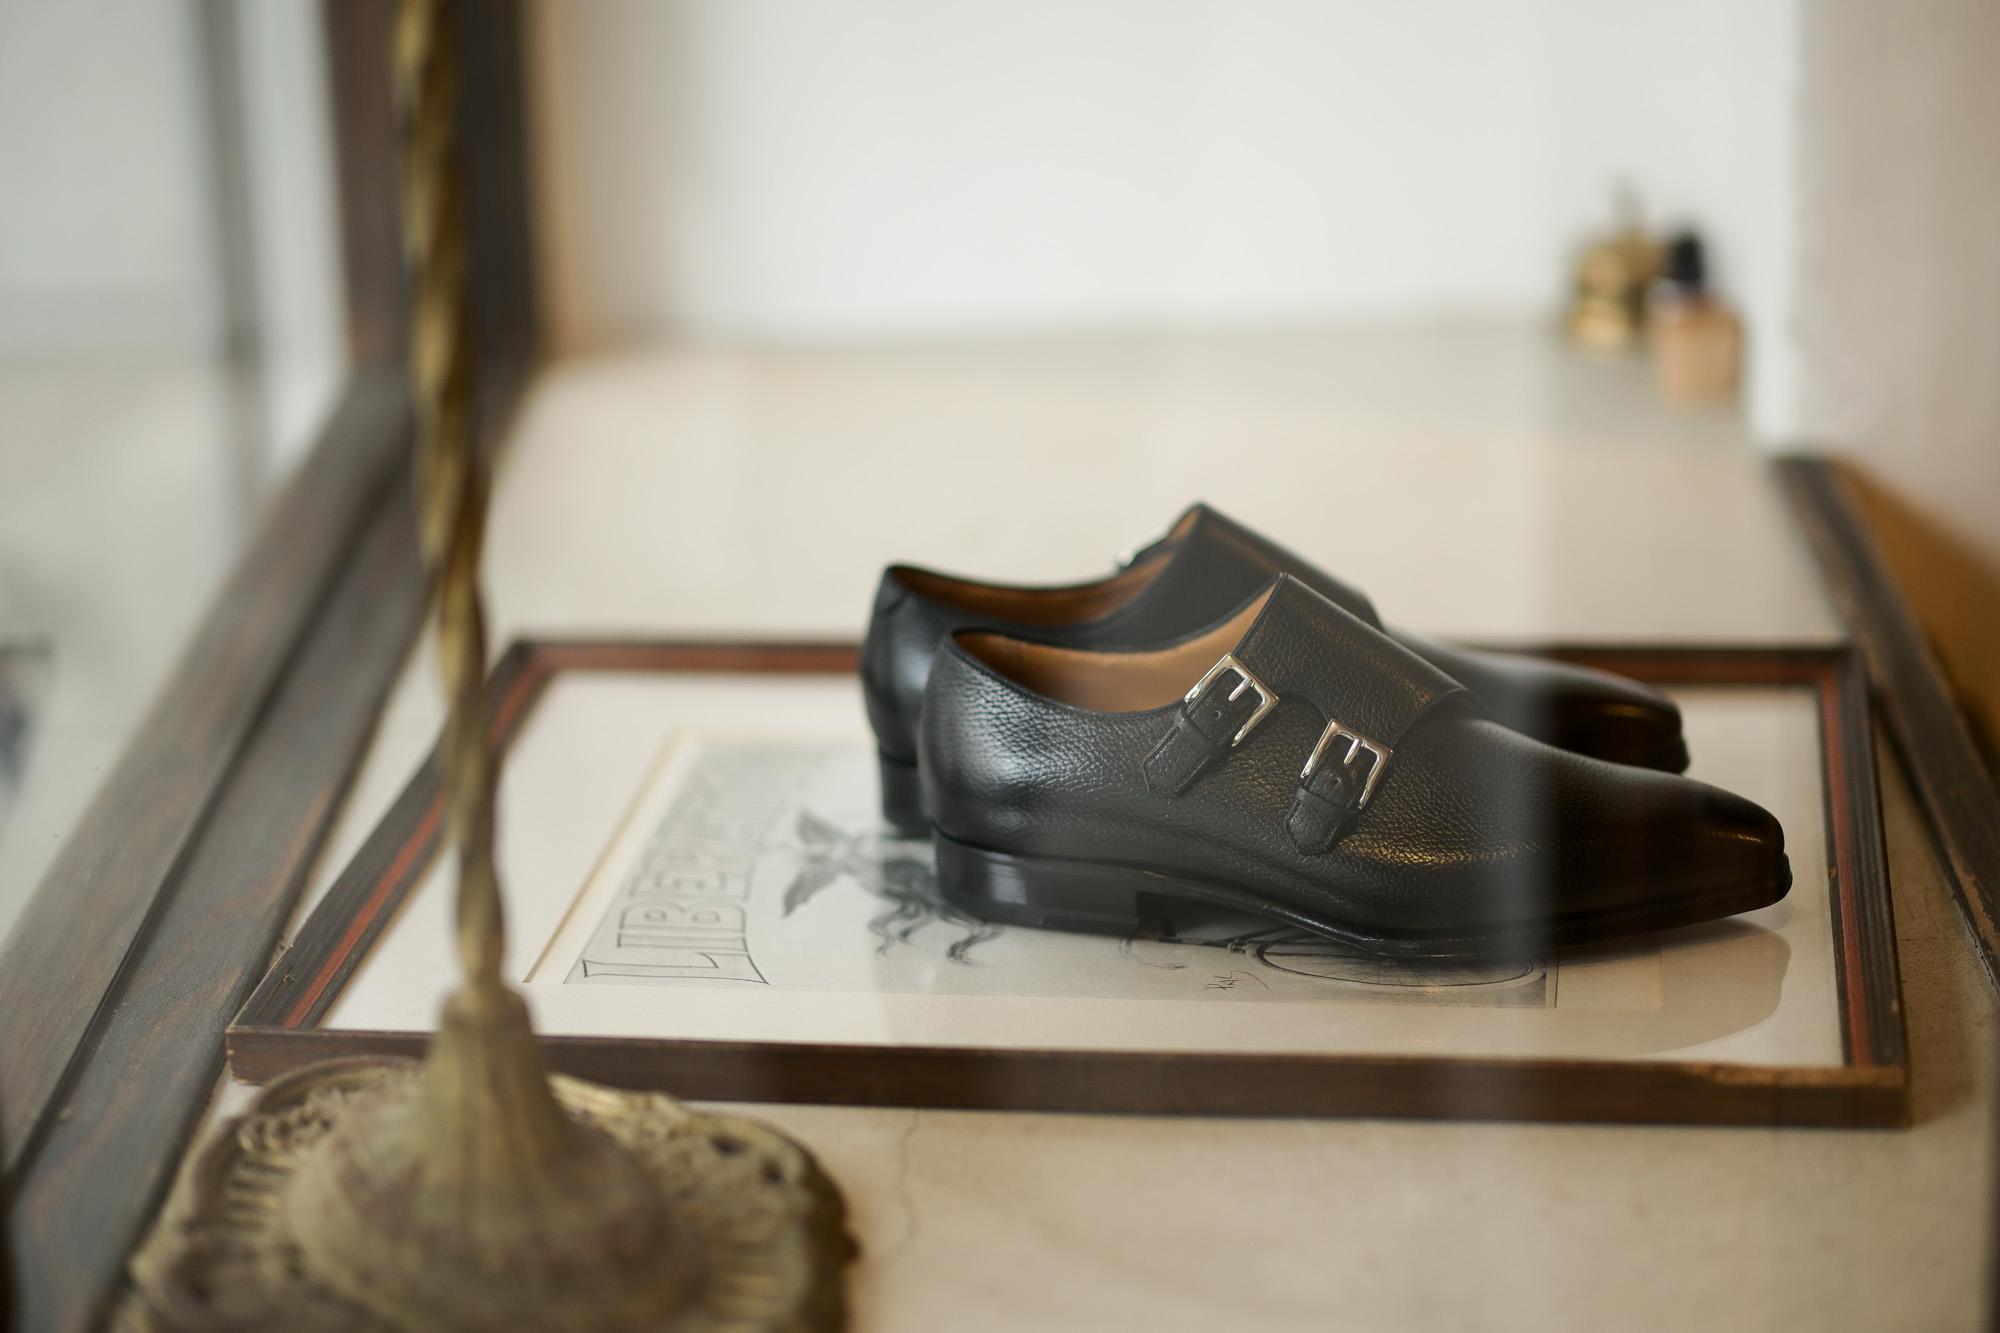 ENZO BONAFE(エンツォボナフェ) EB-36 Double Monk Strap Shoes INCA Leather ダブルモンクストラップシューズ NERO (ブラック) made in italy (イタリア製) 2020秋冬 enzobonafe eb36 エンツォボナフェ altoediritto アルトエデリット